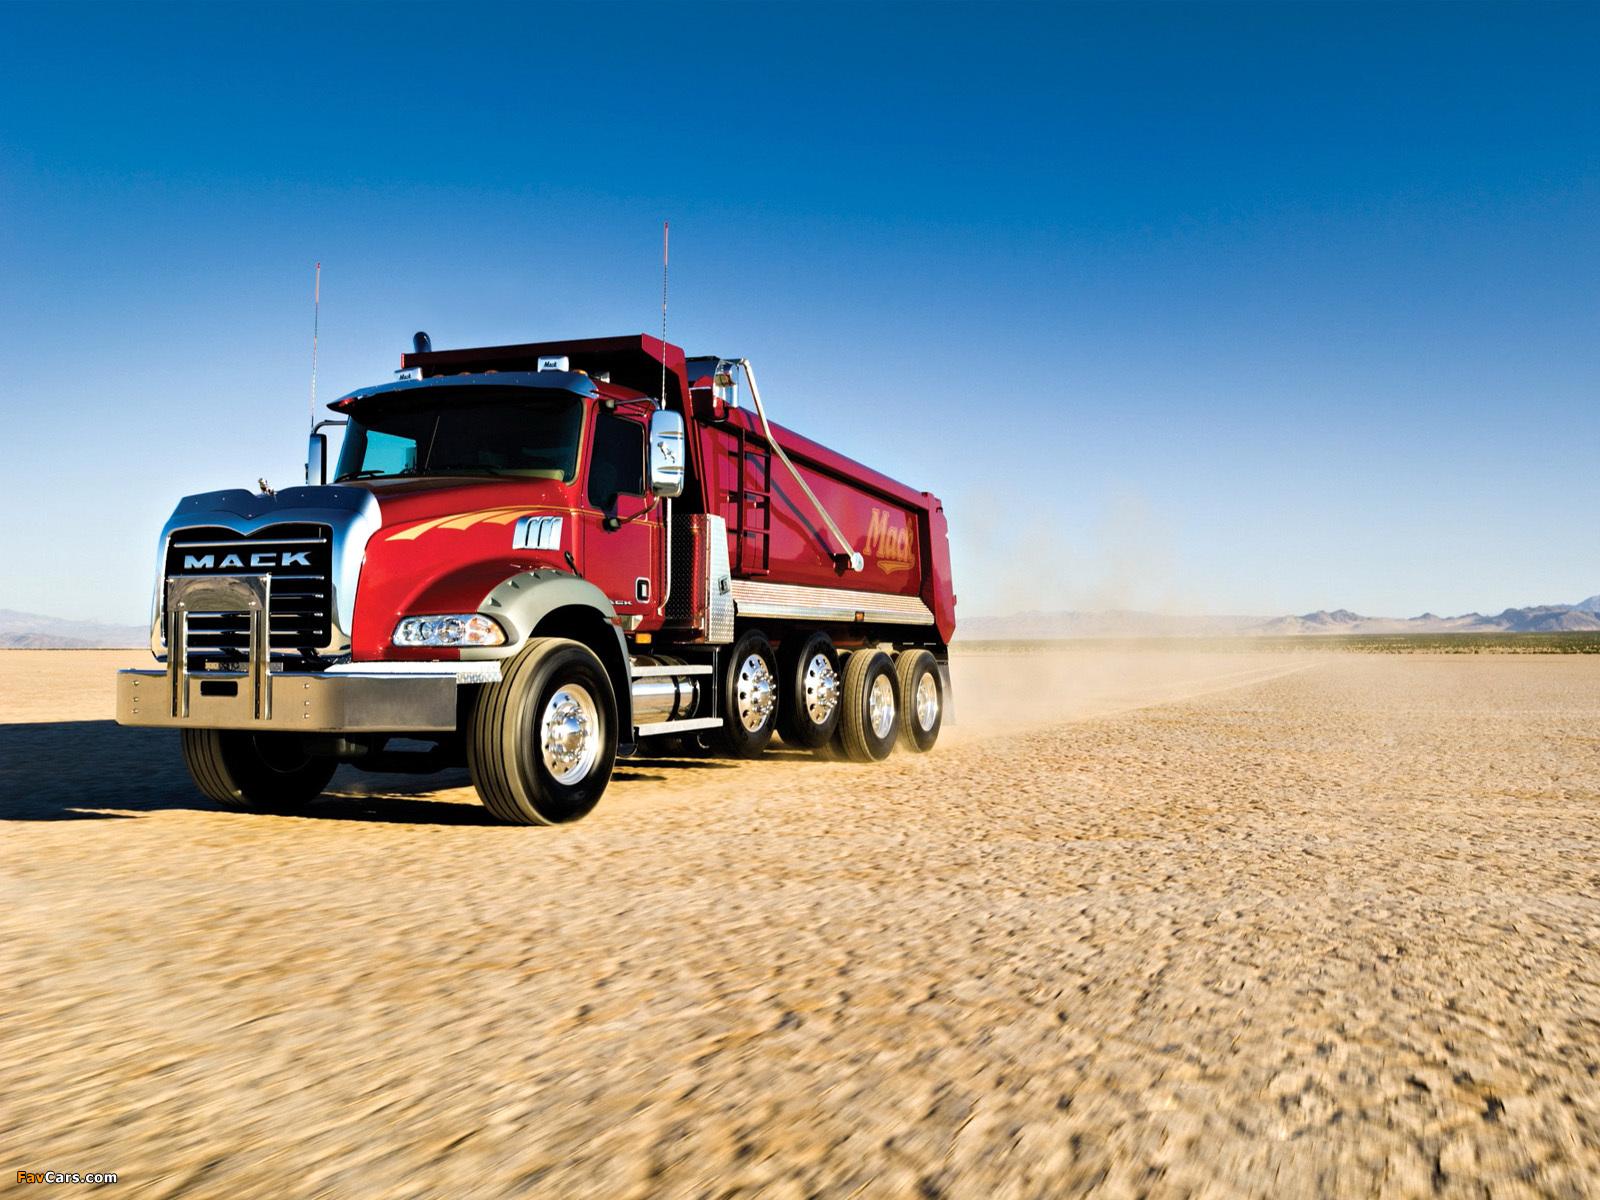 Mack Granite 6x4 Dump Truck 2002 pictures (1600 x 1200)